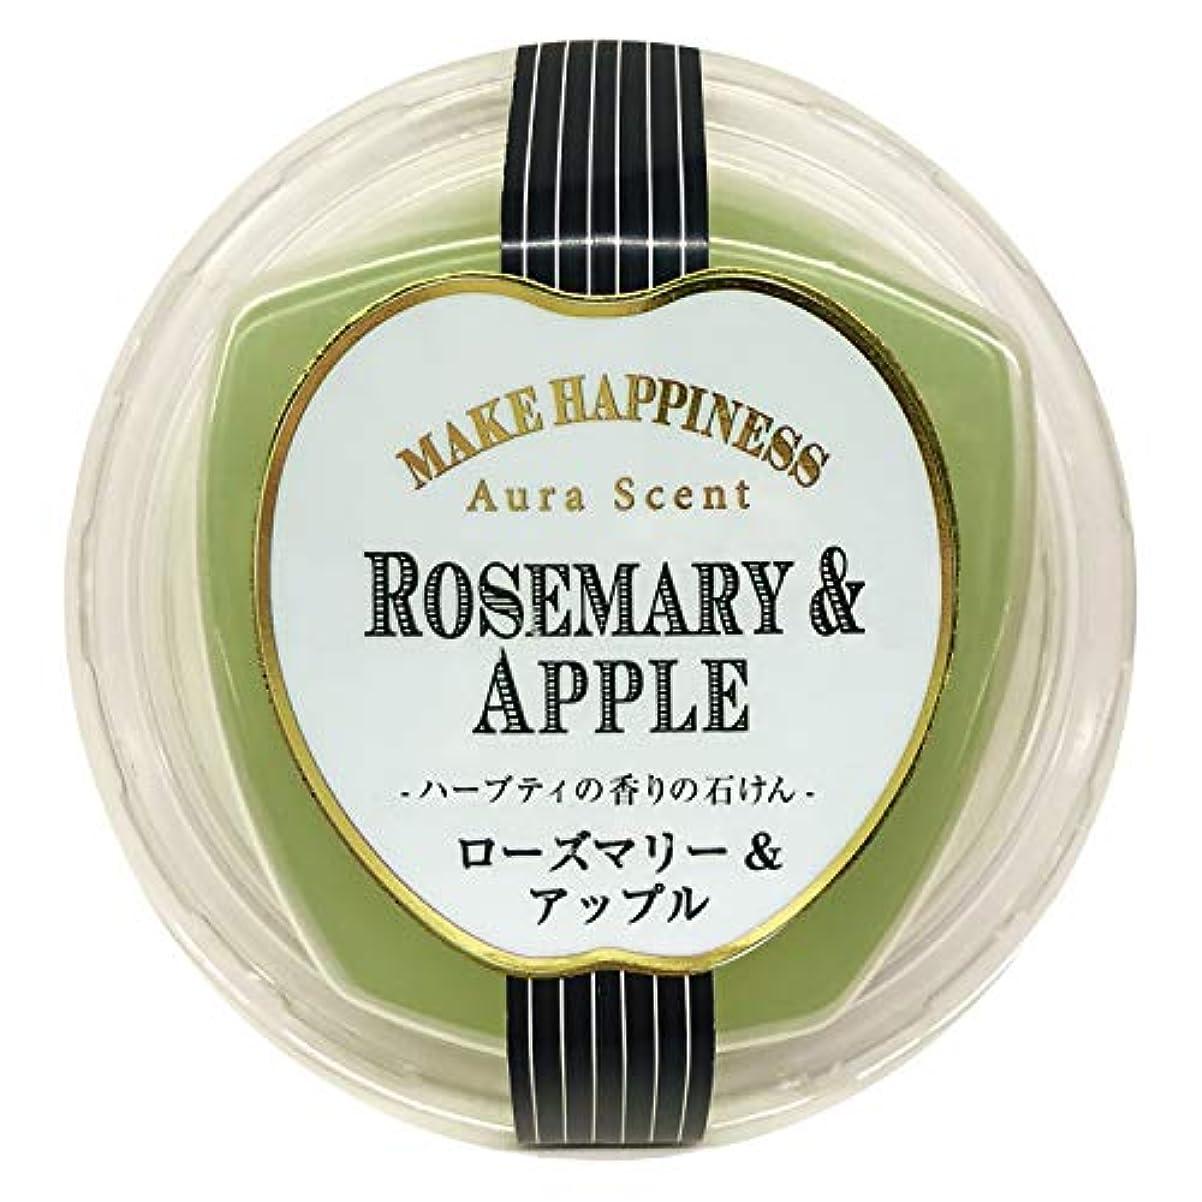 一般気取らない貢献するペリカン石鹸 オーラセント クリアソープローズマリー&アップル 75g